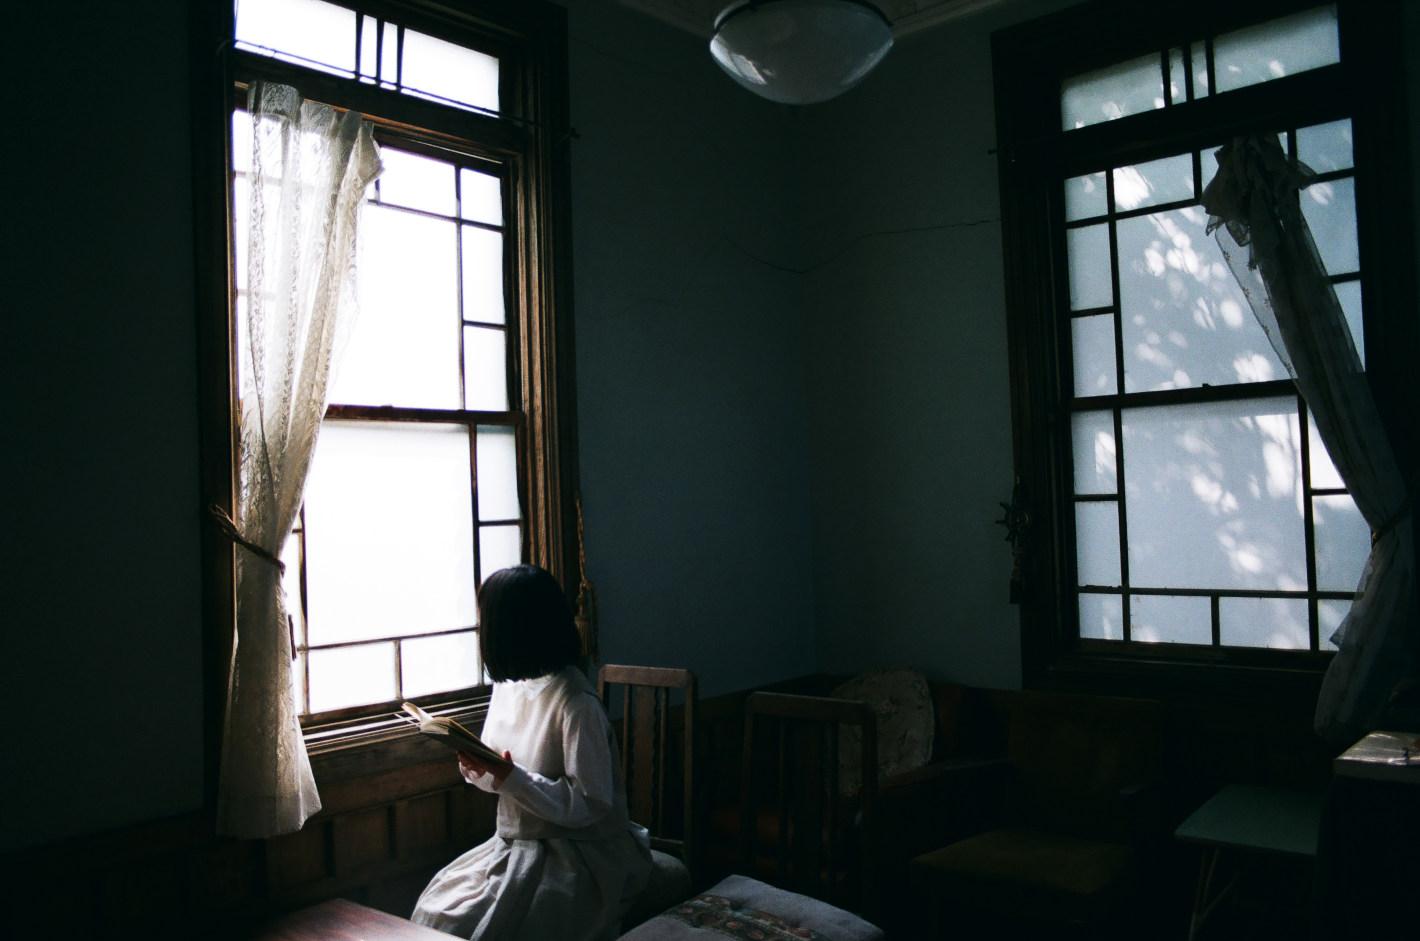 写真家 岩倉しおりさんが恋した「山口・長門市」の美しい海岸線 – 「ながとブルー」と光を追い求めたフィルムの旅